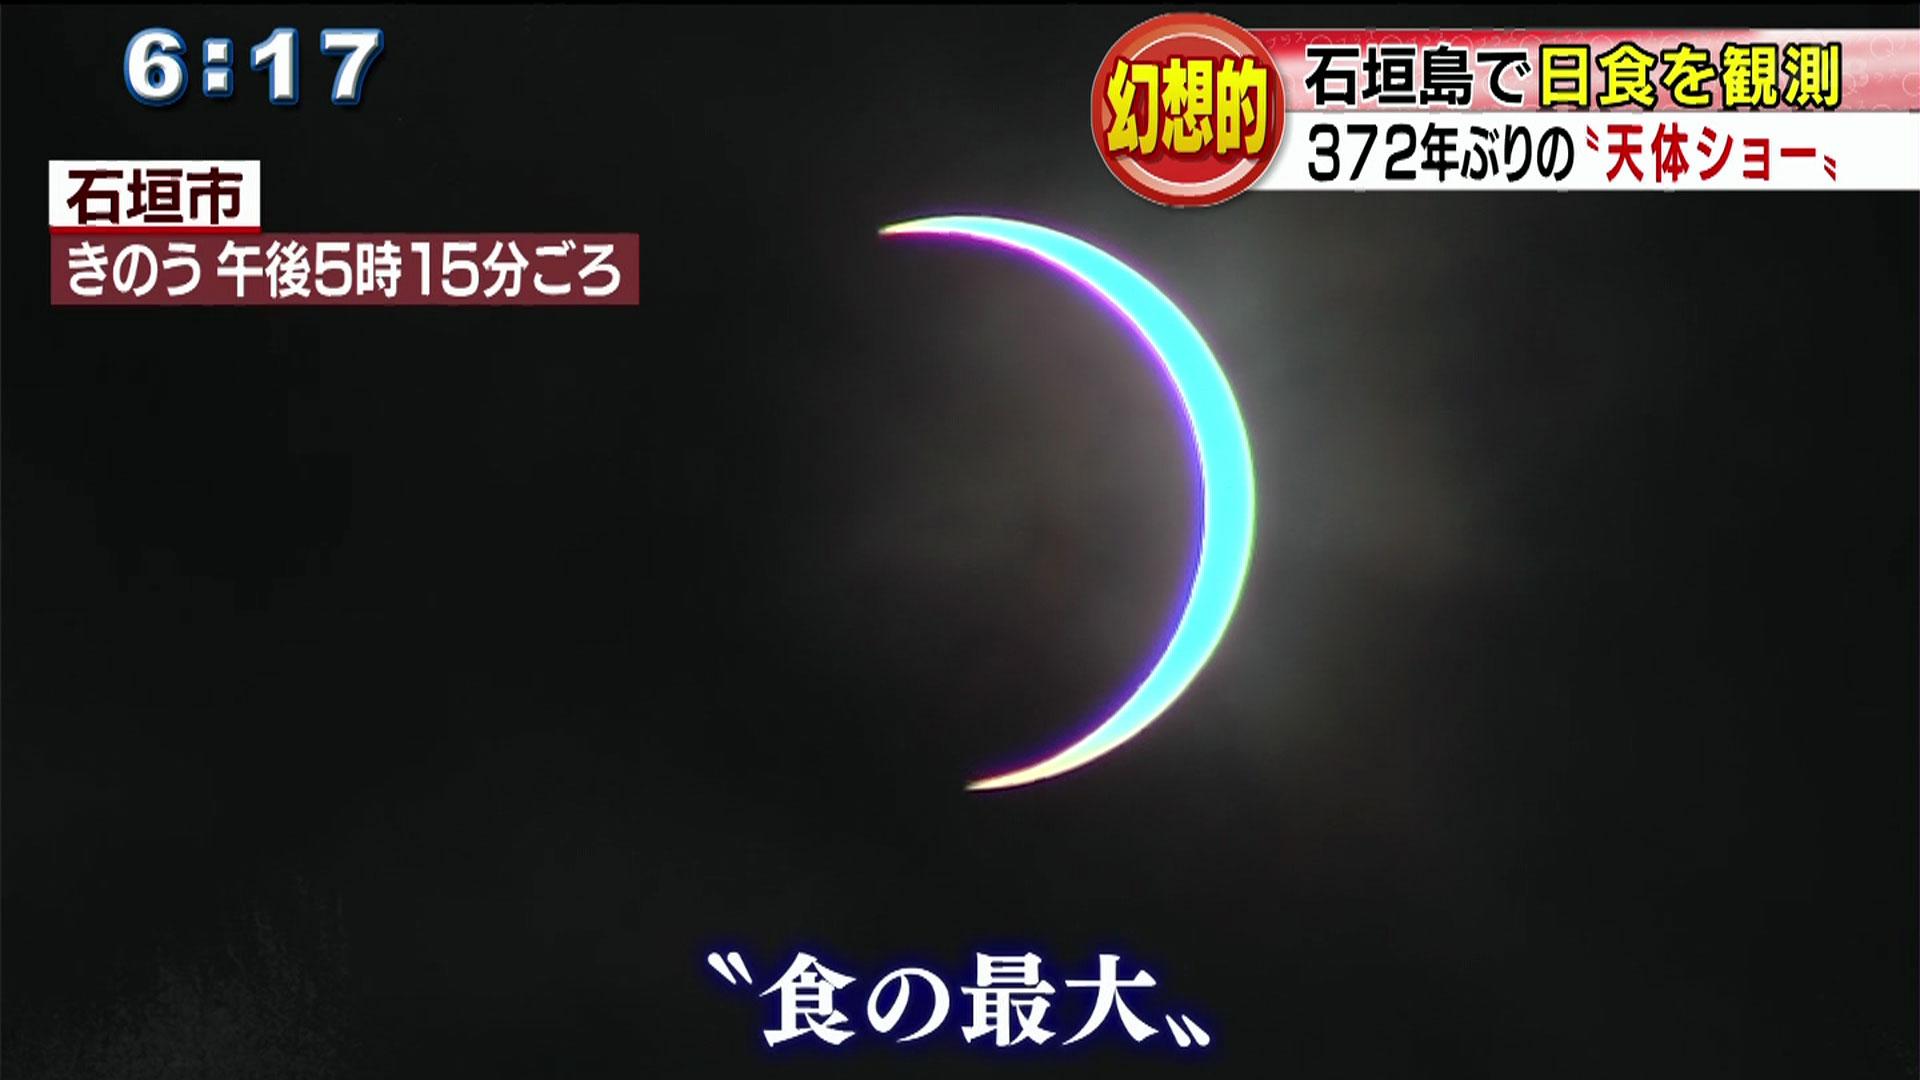 """372年ぶりの""""天体ショー"""" 石垣島で日食を観測"""